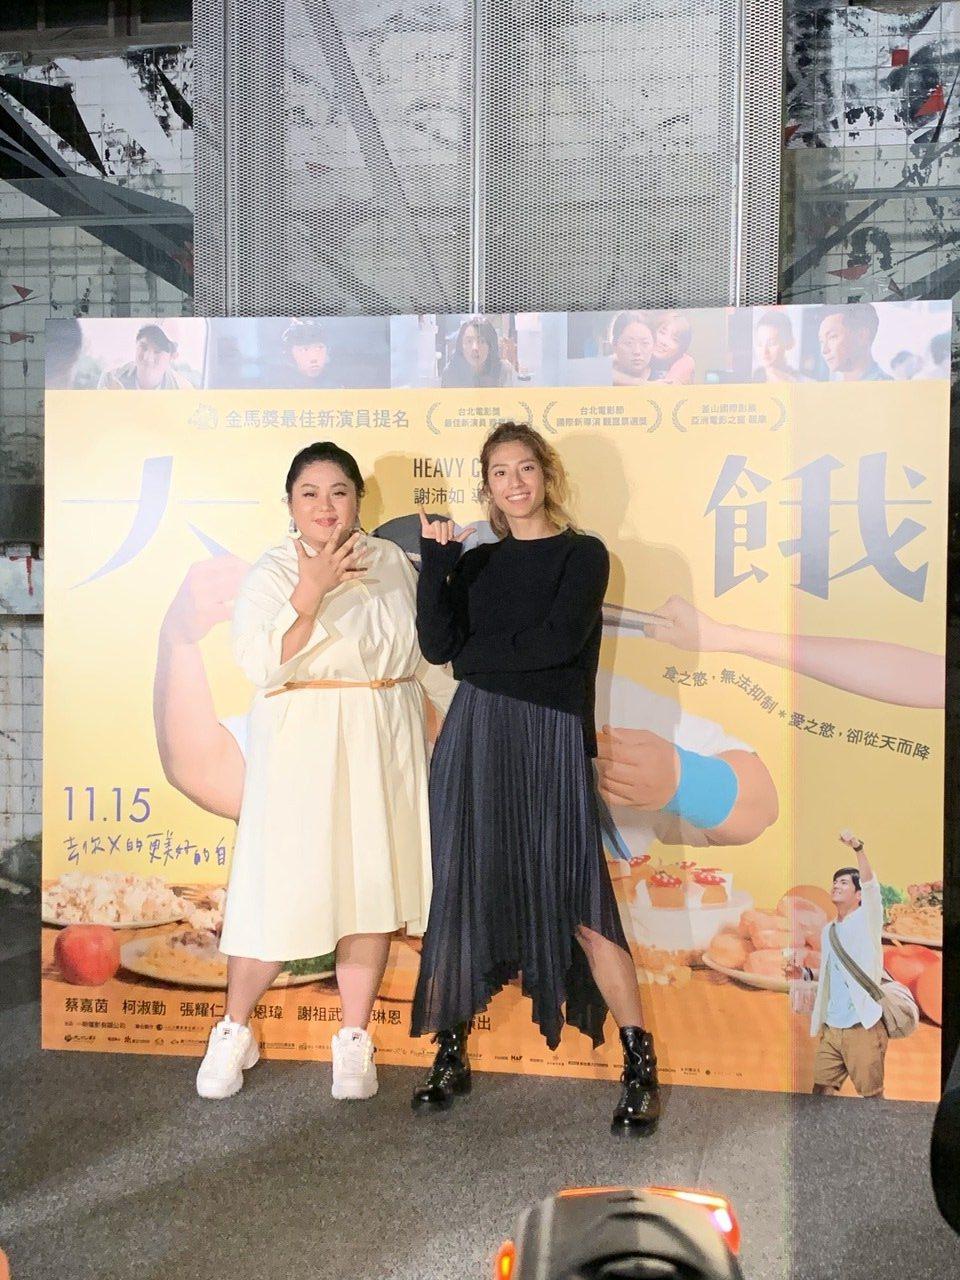 蔡嘉茵(左)入主新東家,成為前任台北電影節最佳新演員Rima 瑞瑪席丹的同門師妹...